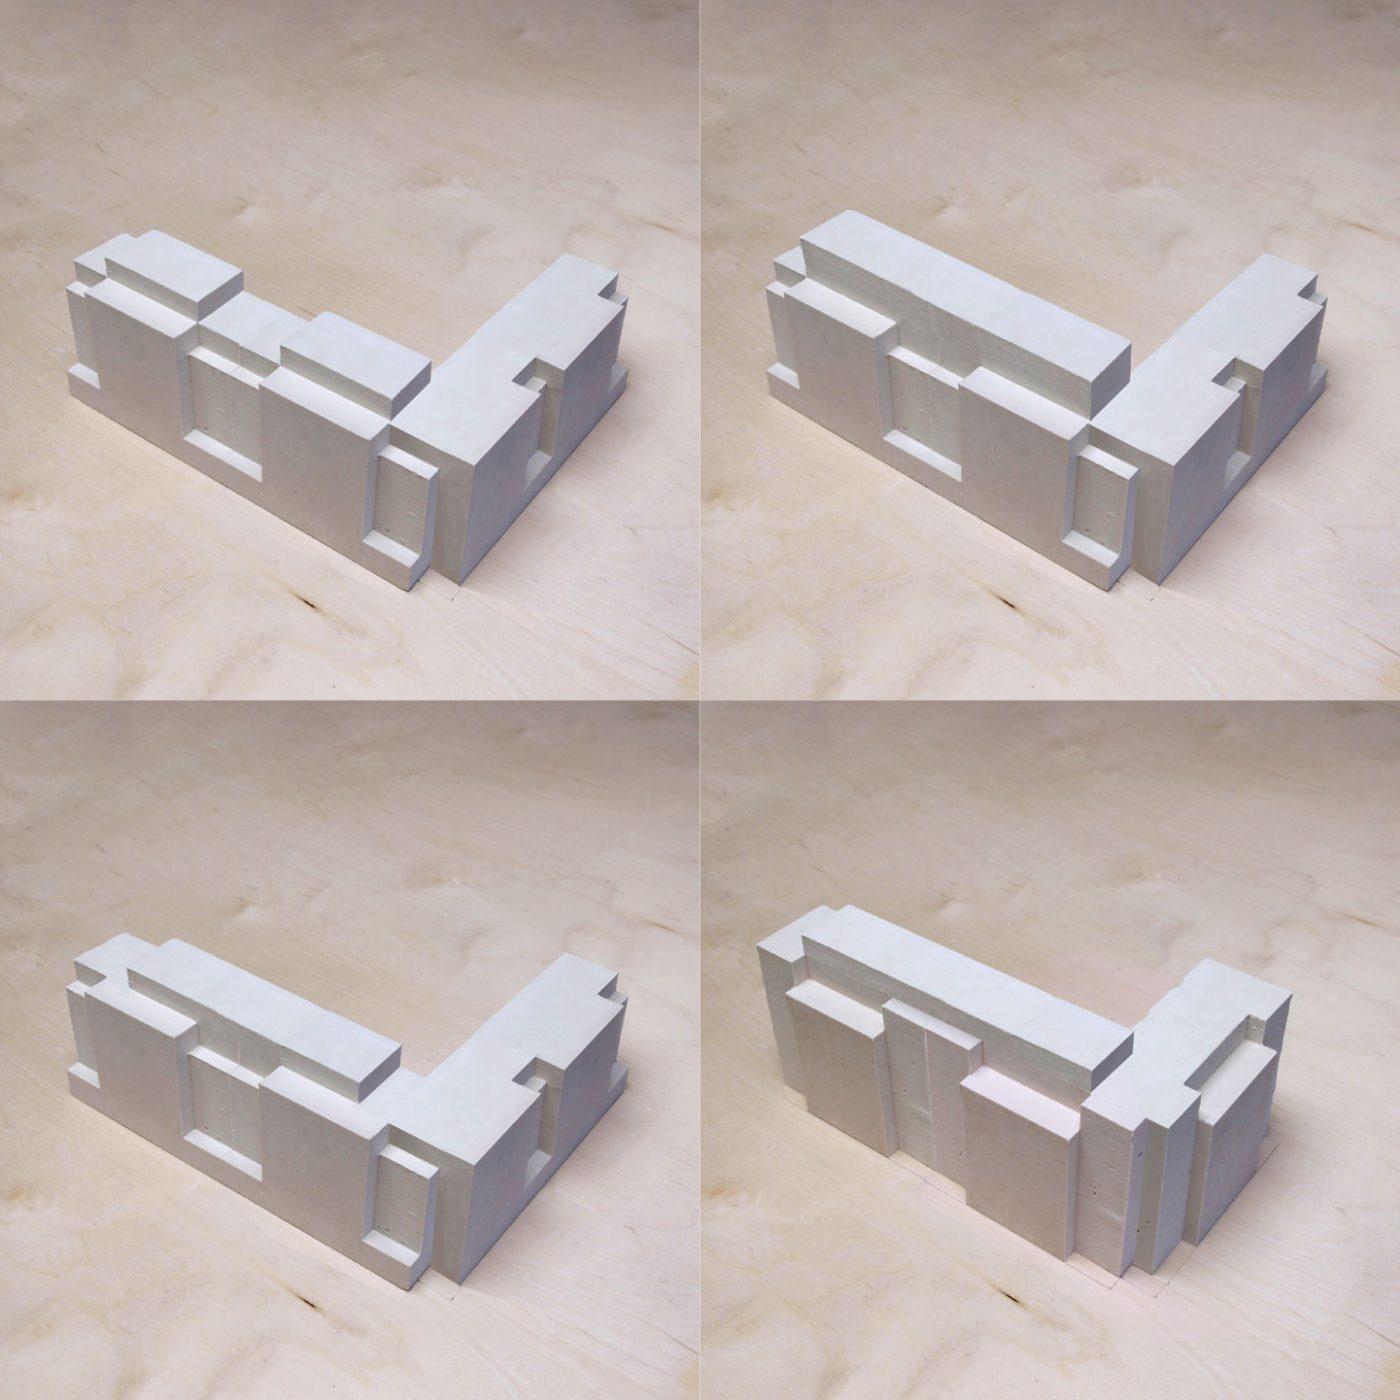 161103 Grahame Park Models Compilation Saveforweb